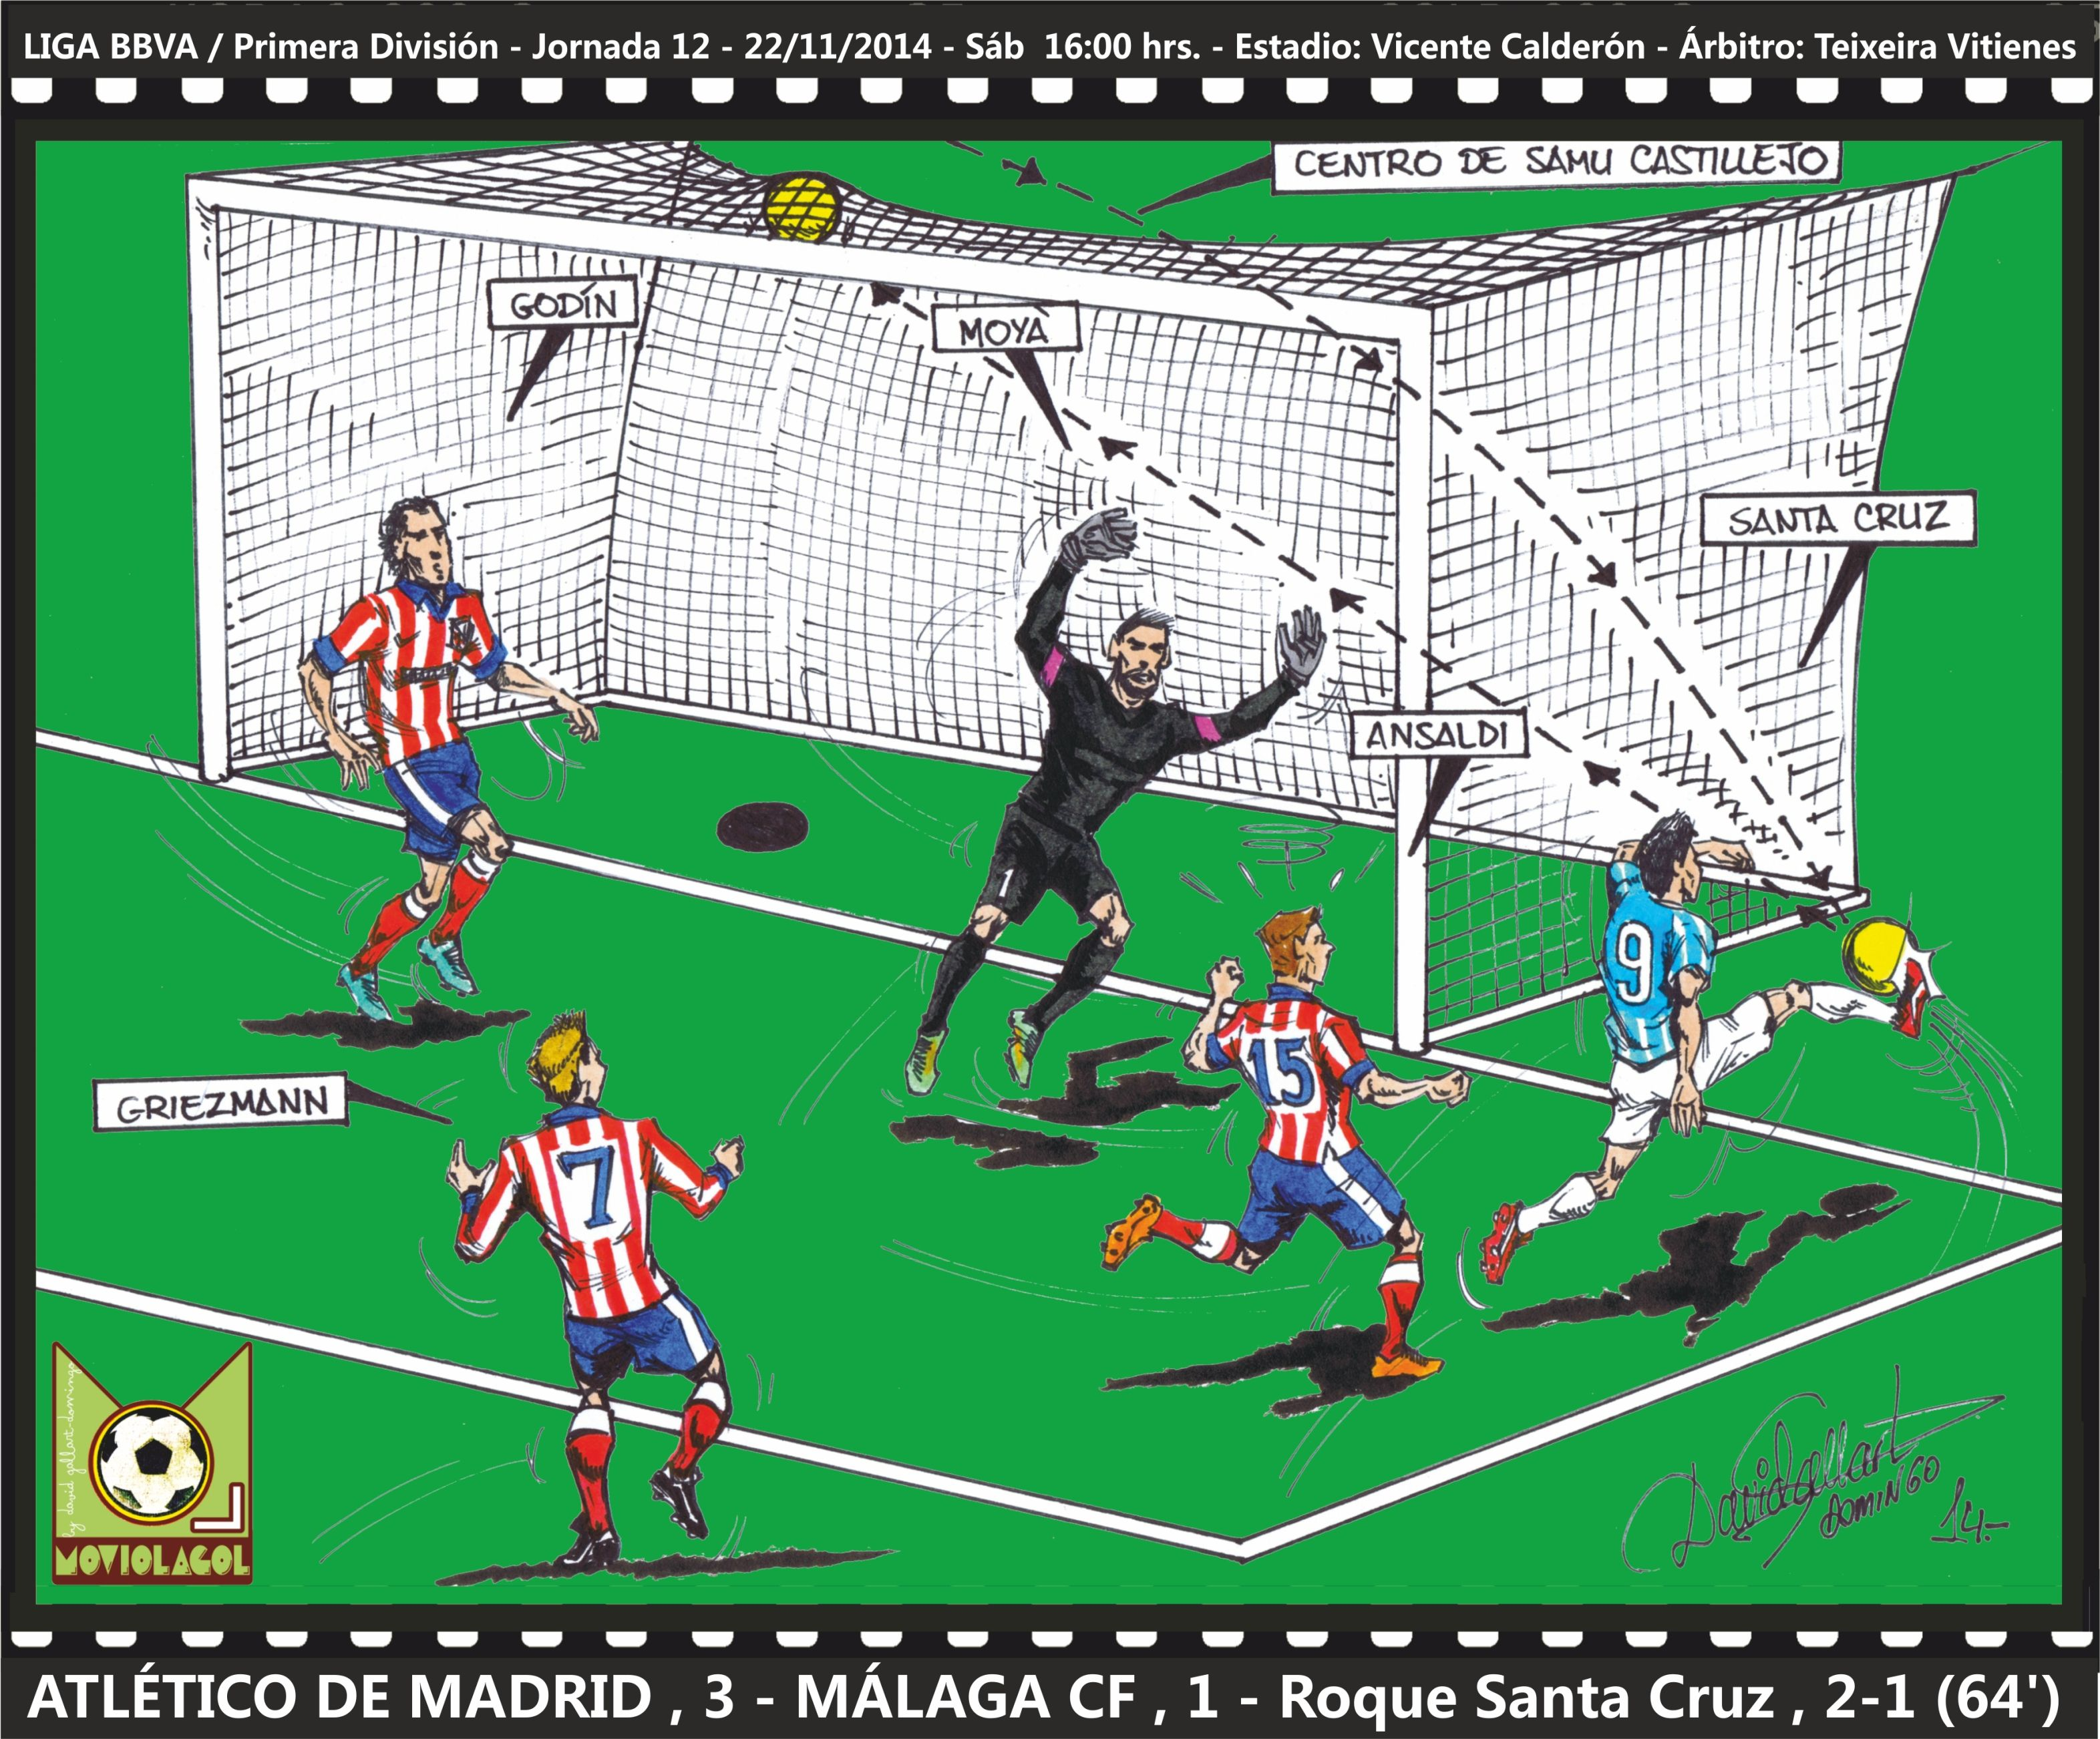 LIGA BBVA 201415 Atlético de Madrid, 3 Málaga CF, 1